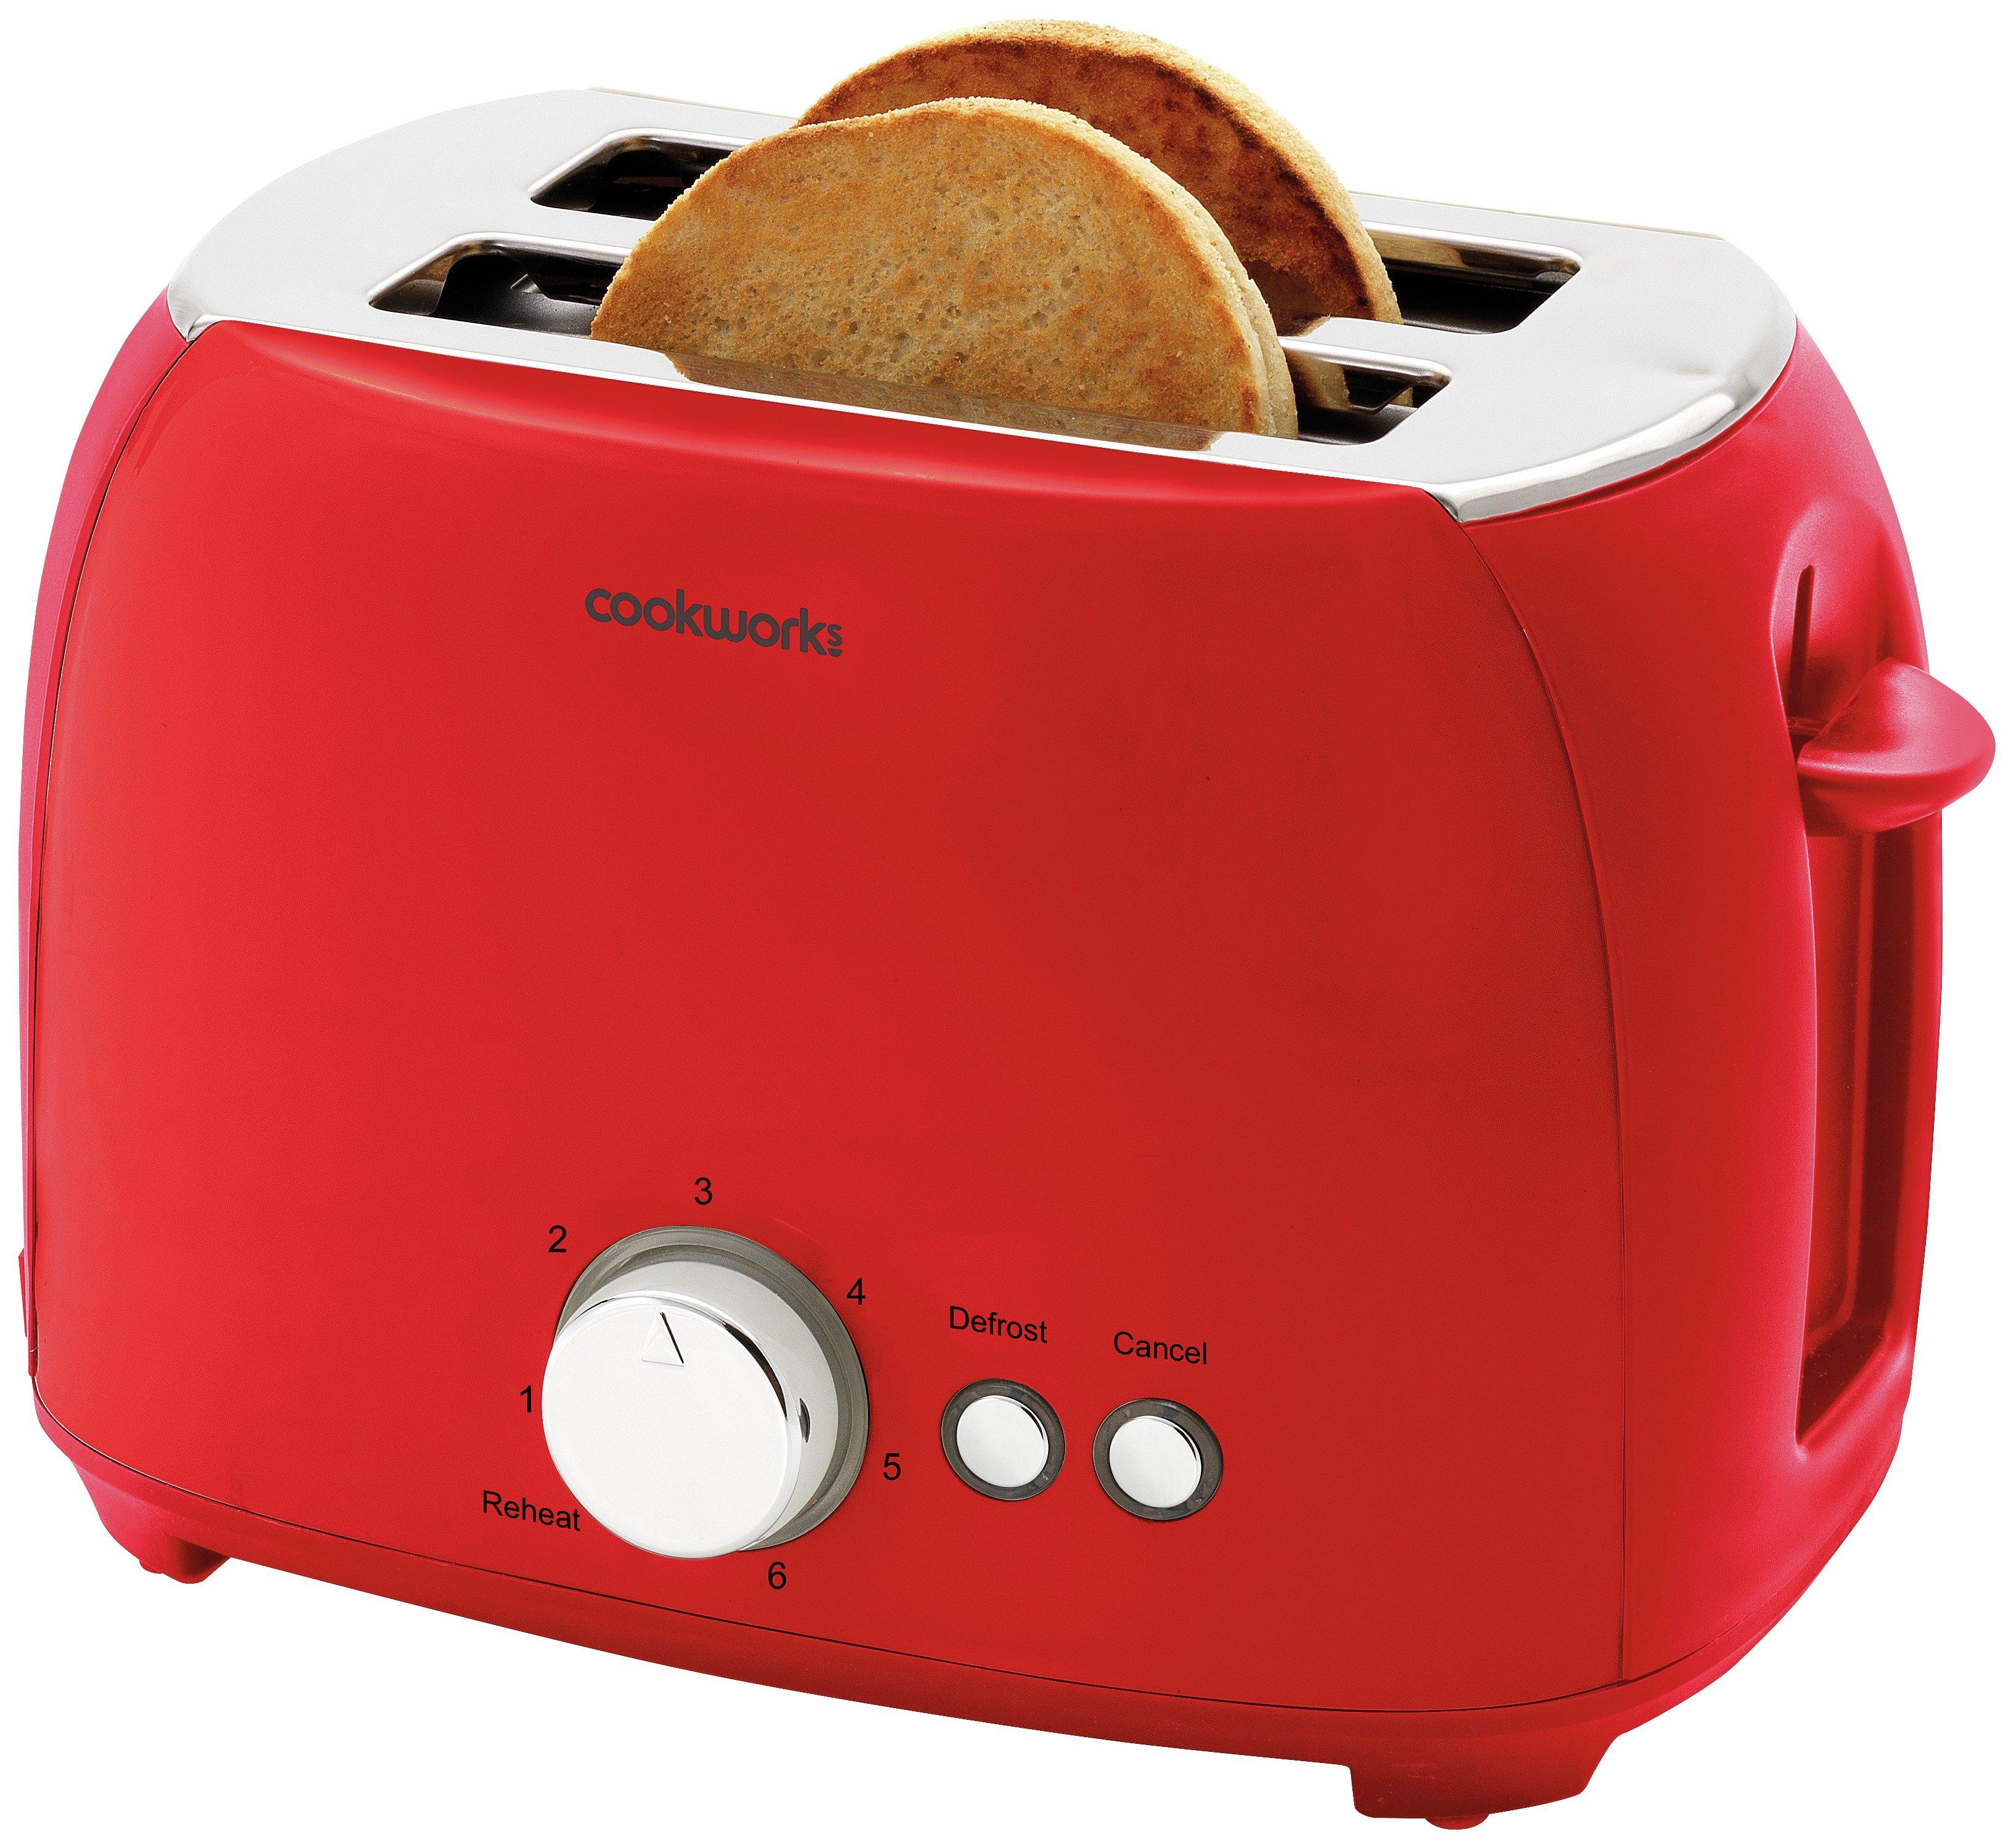 'Cookworks 2 Slice Toaster - Red